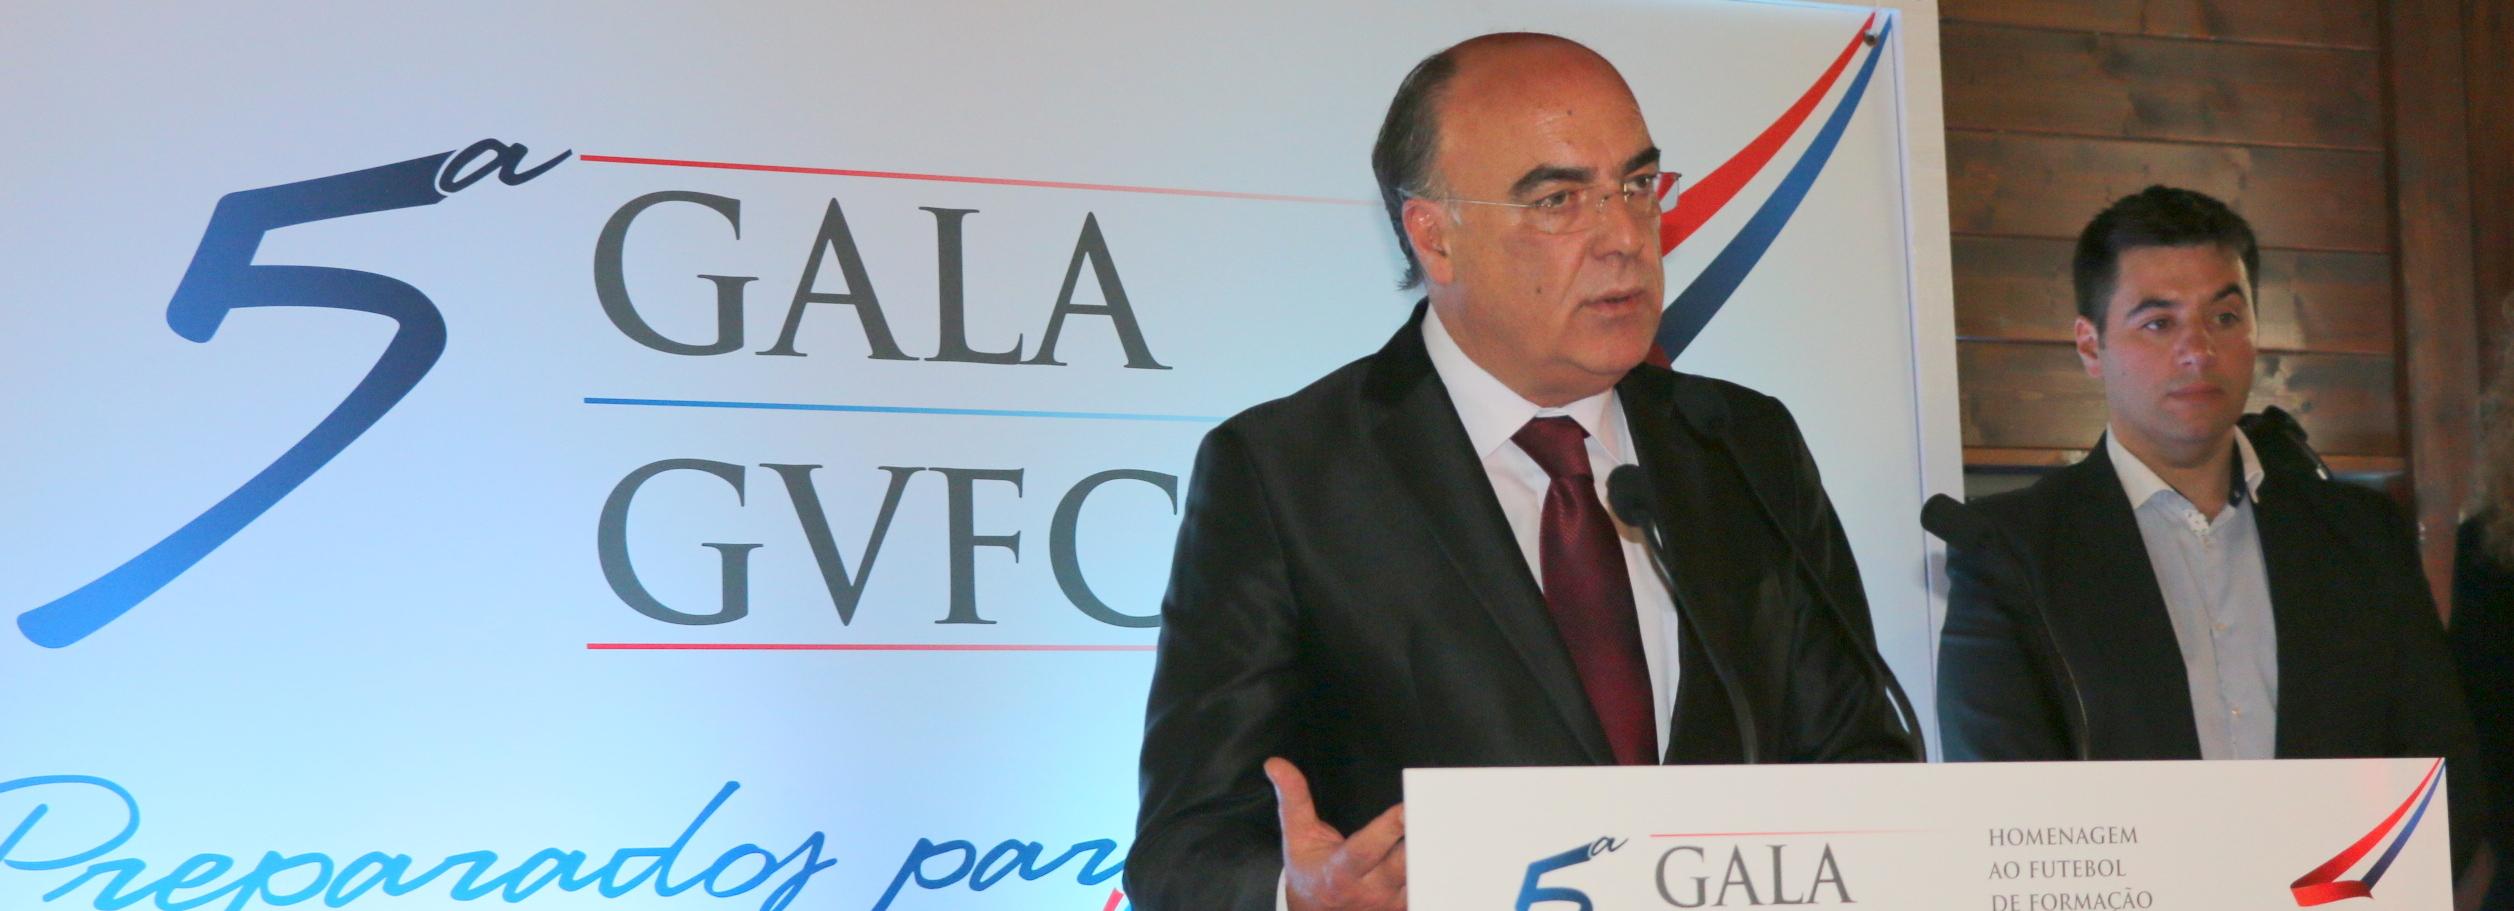 Presidente da Câmara associou-se à quinta gala do Gil Vicente